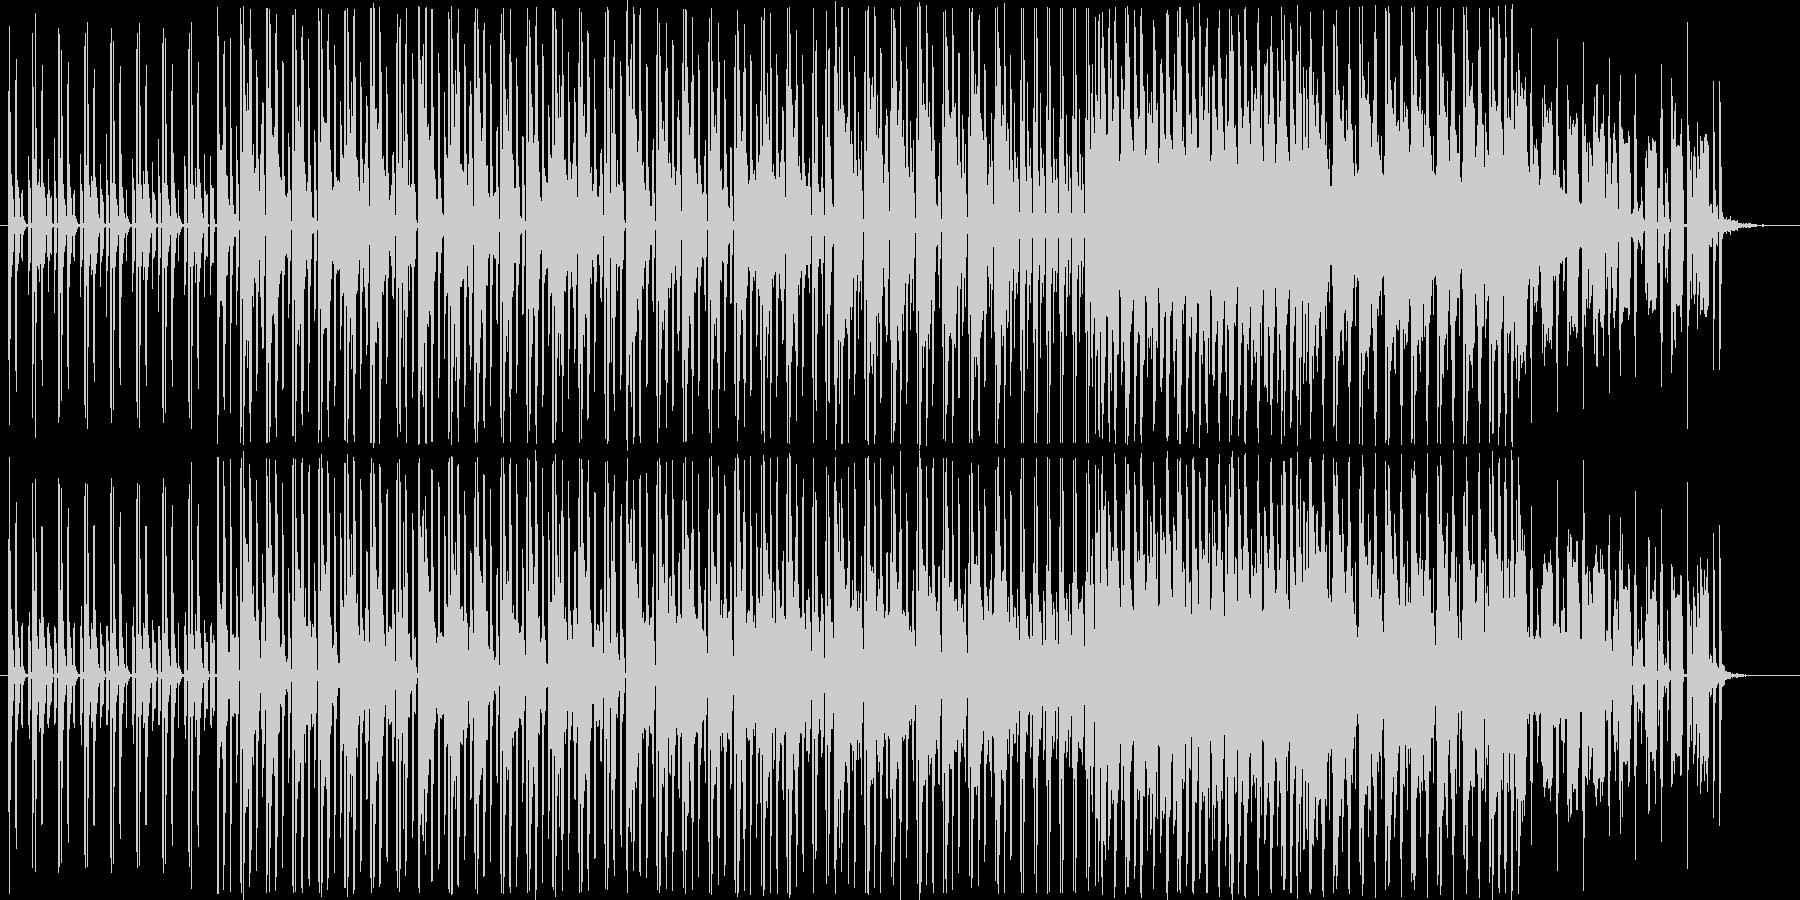 テクノポップの近未来的なビートの未再生の波形